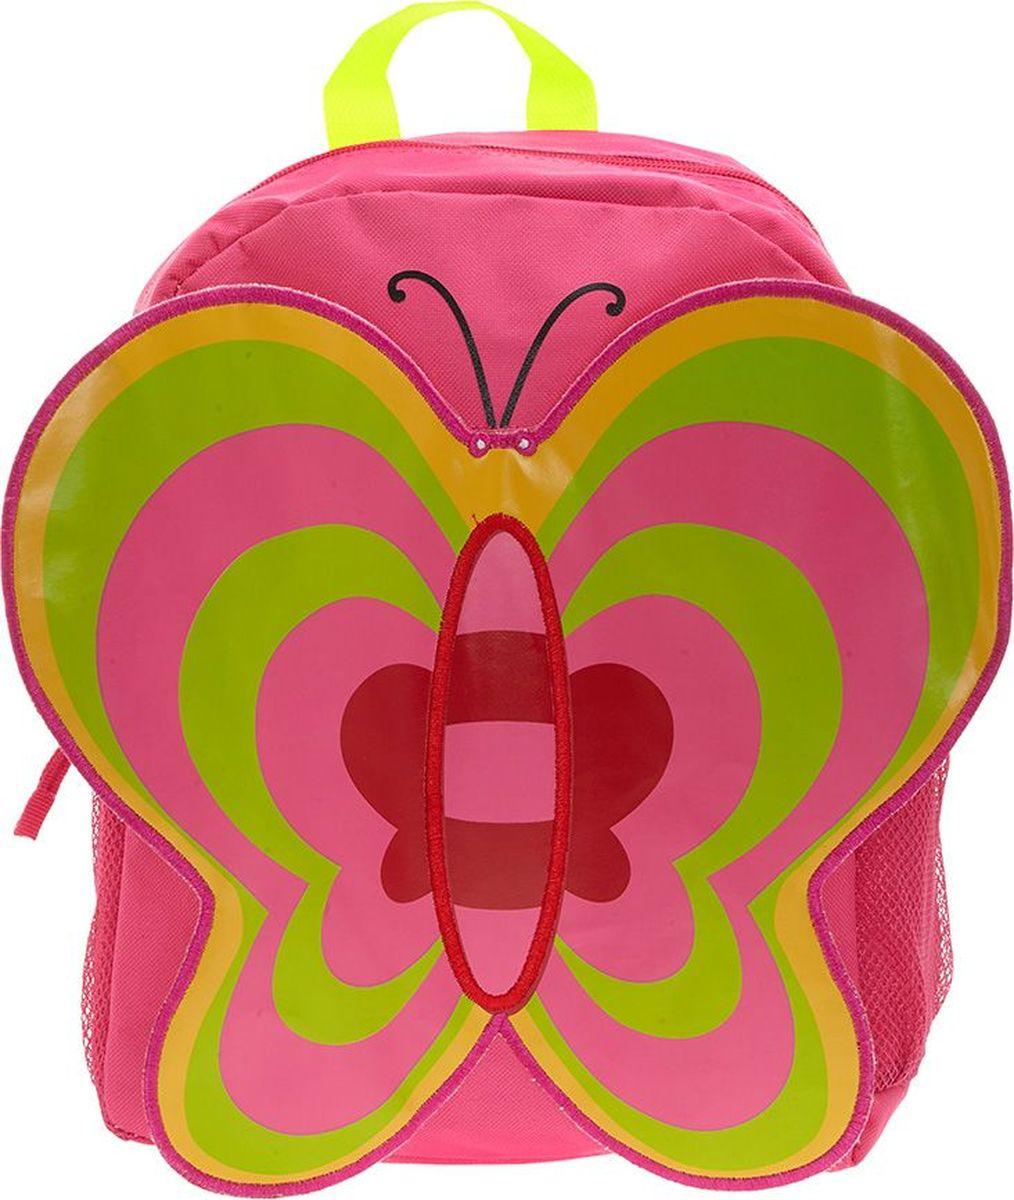 3D Bags Рюкзак детский Бабочка72523WDИдеально подходят для хранения важных и необходимых вещей, которые так необходимы маленькой принцессе на детской площадке, во время прогулки или на пикнике. Сделан из прочного, износоустойчивого полиэстера. Просторный внутренний отсек будет очень удобен в использовании. Лицевая сторона рюкзака выполнена в форме объемной бабочки с большими привлекательными крылышками. Отлично подходит для детей от 2-х до 5-ти лет.